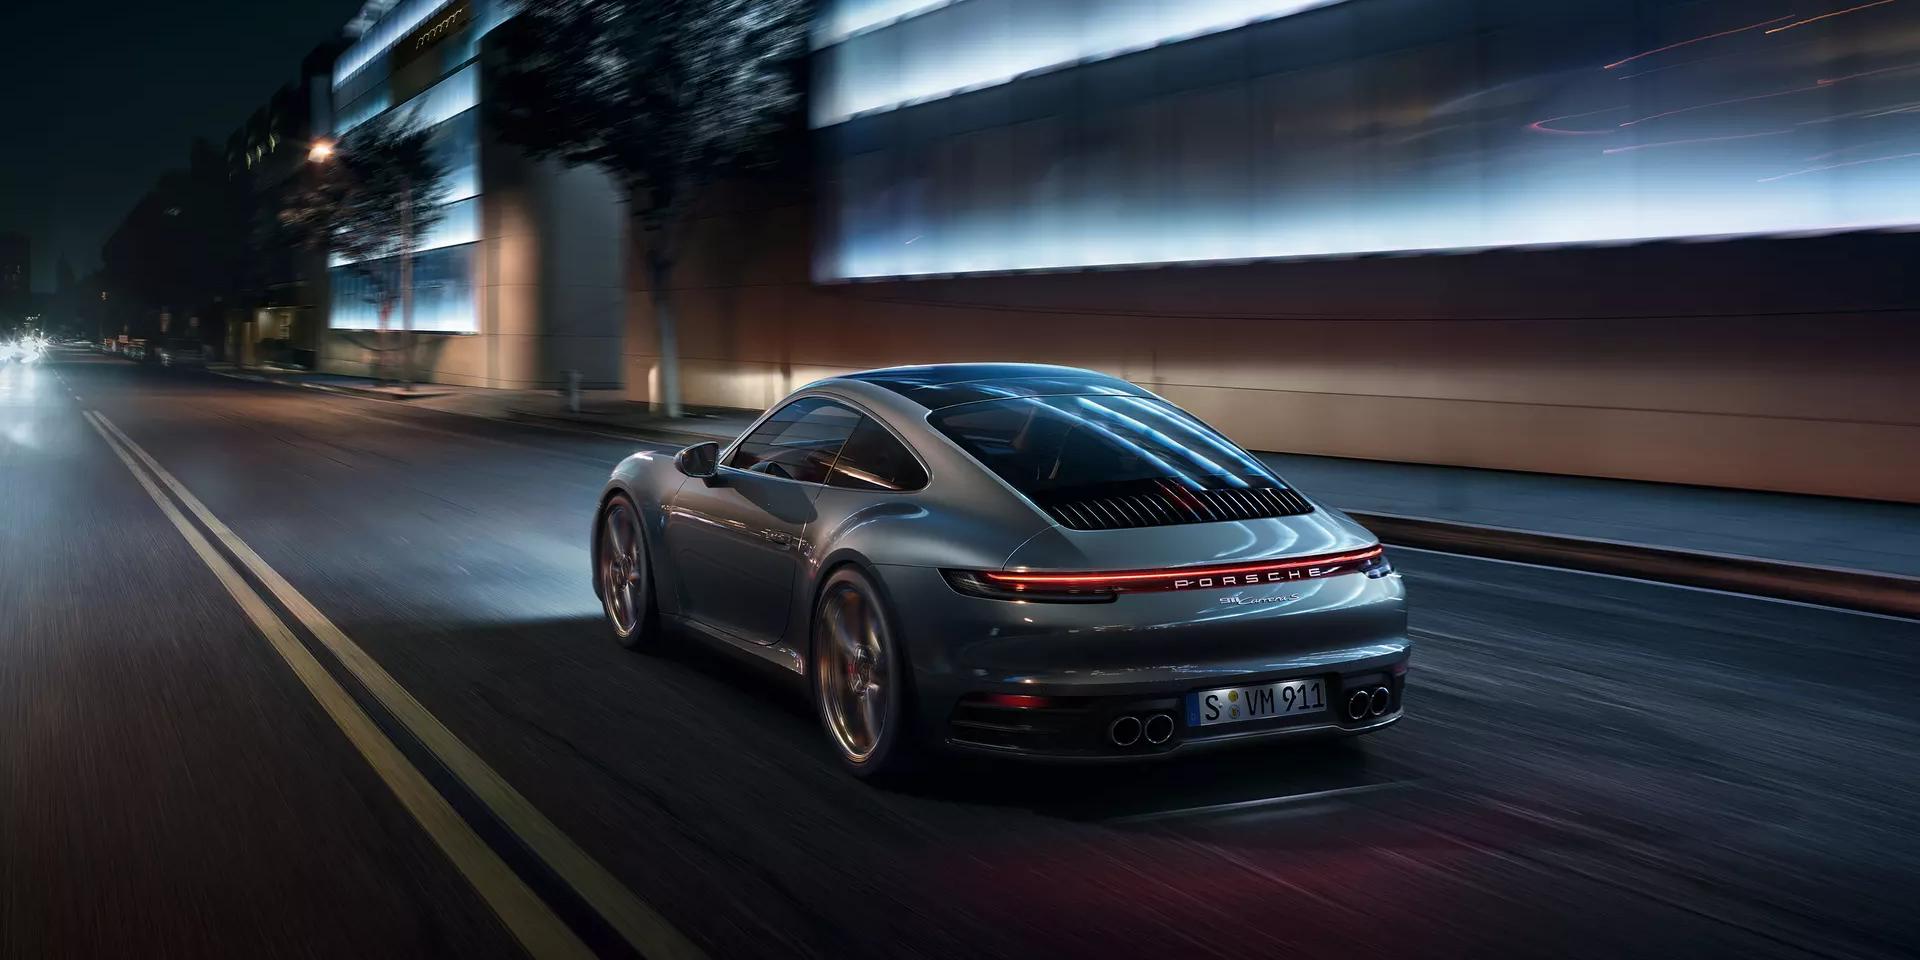 2020 Porsche 911 Exterior Styling